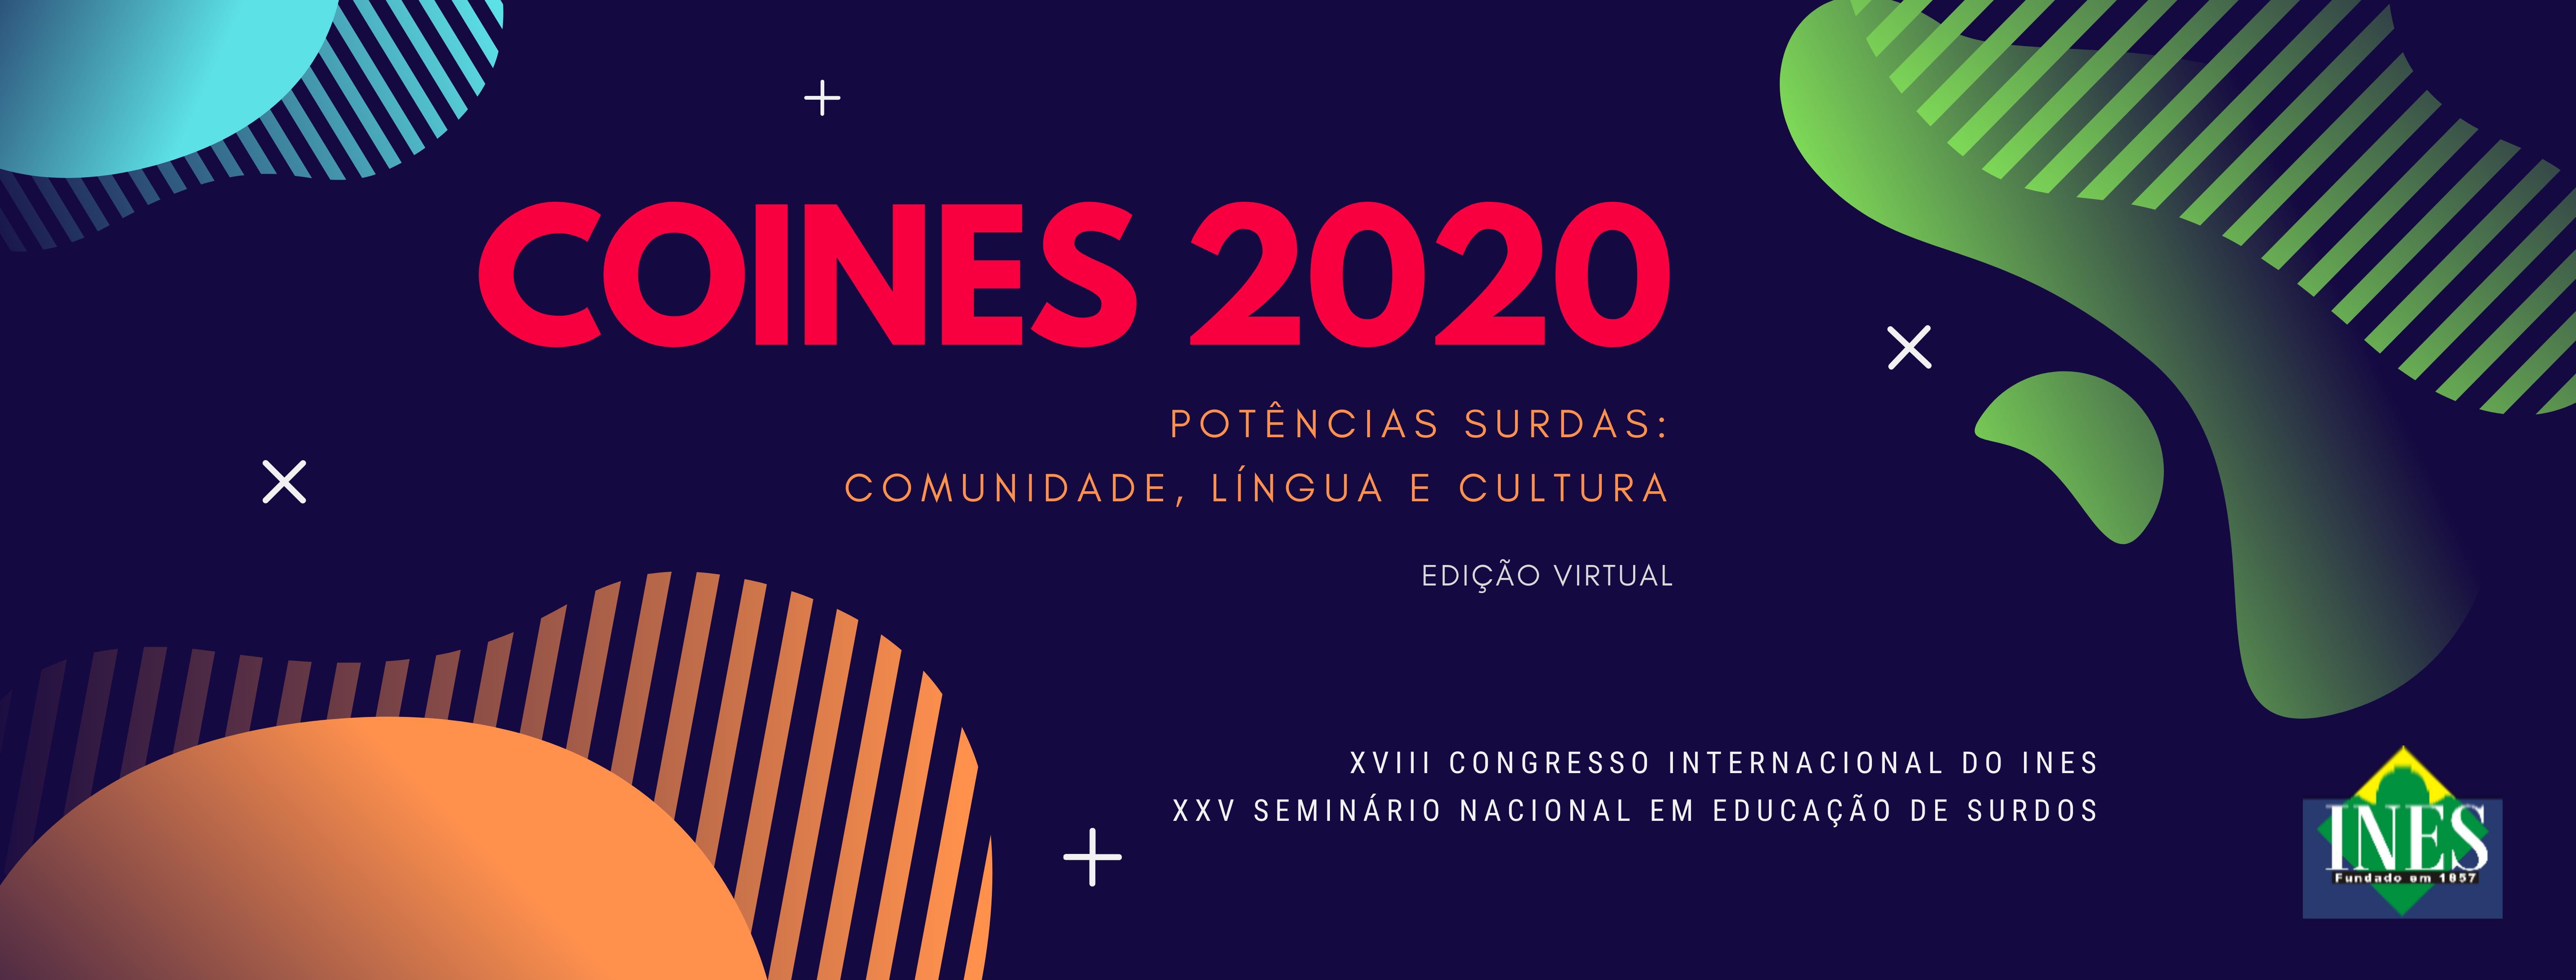 COINES 2020 - Edição Virtual